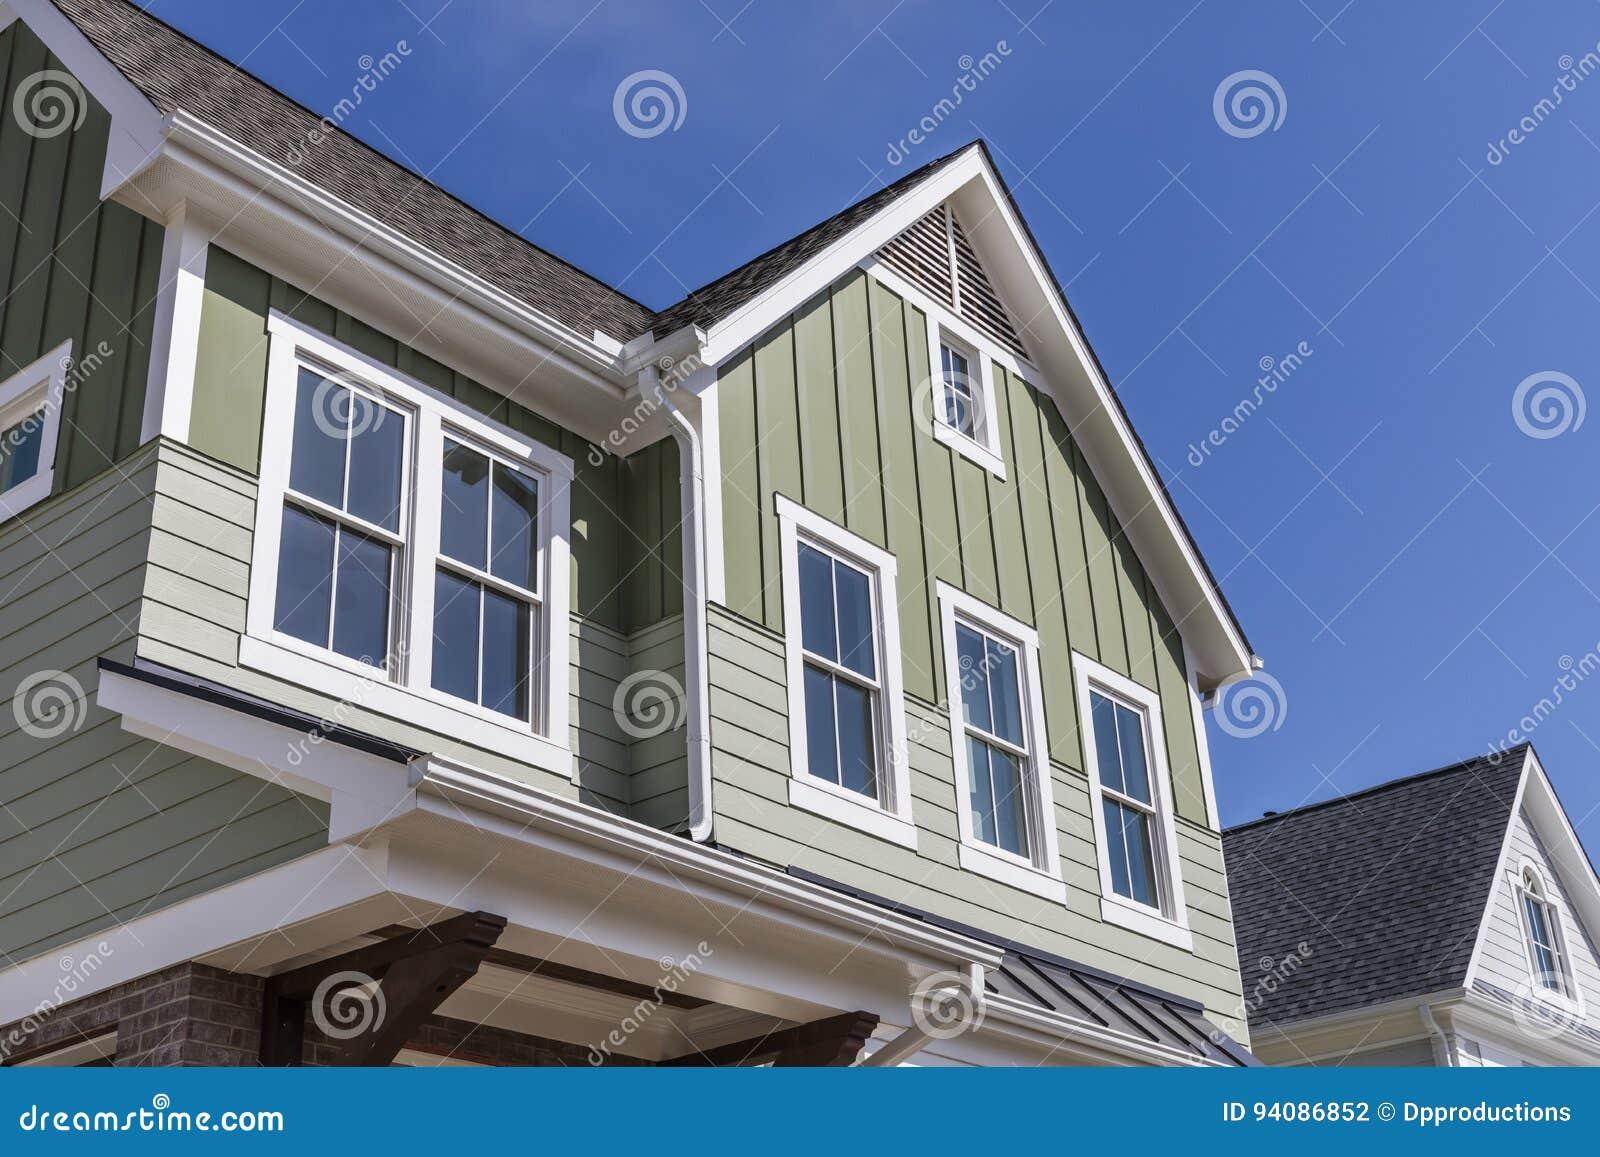 Extérieur D\'une Maison De Nouveau Modèle Photo stock - Image du ...